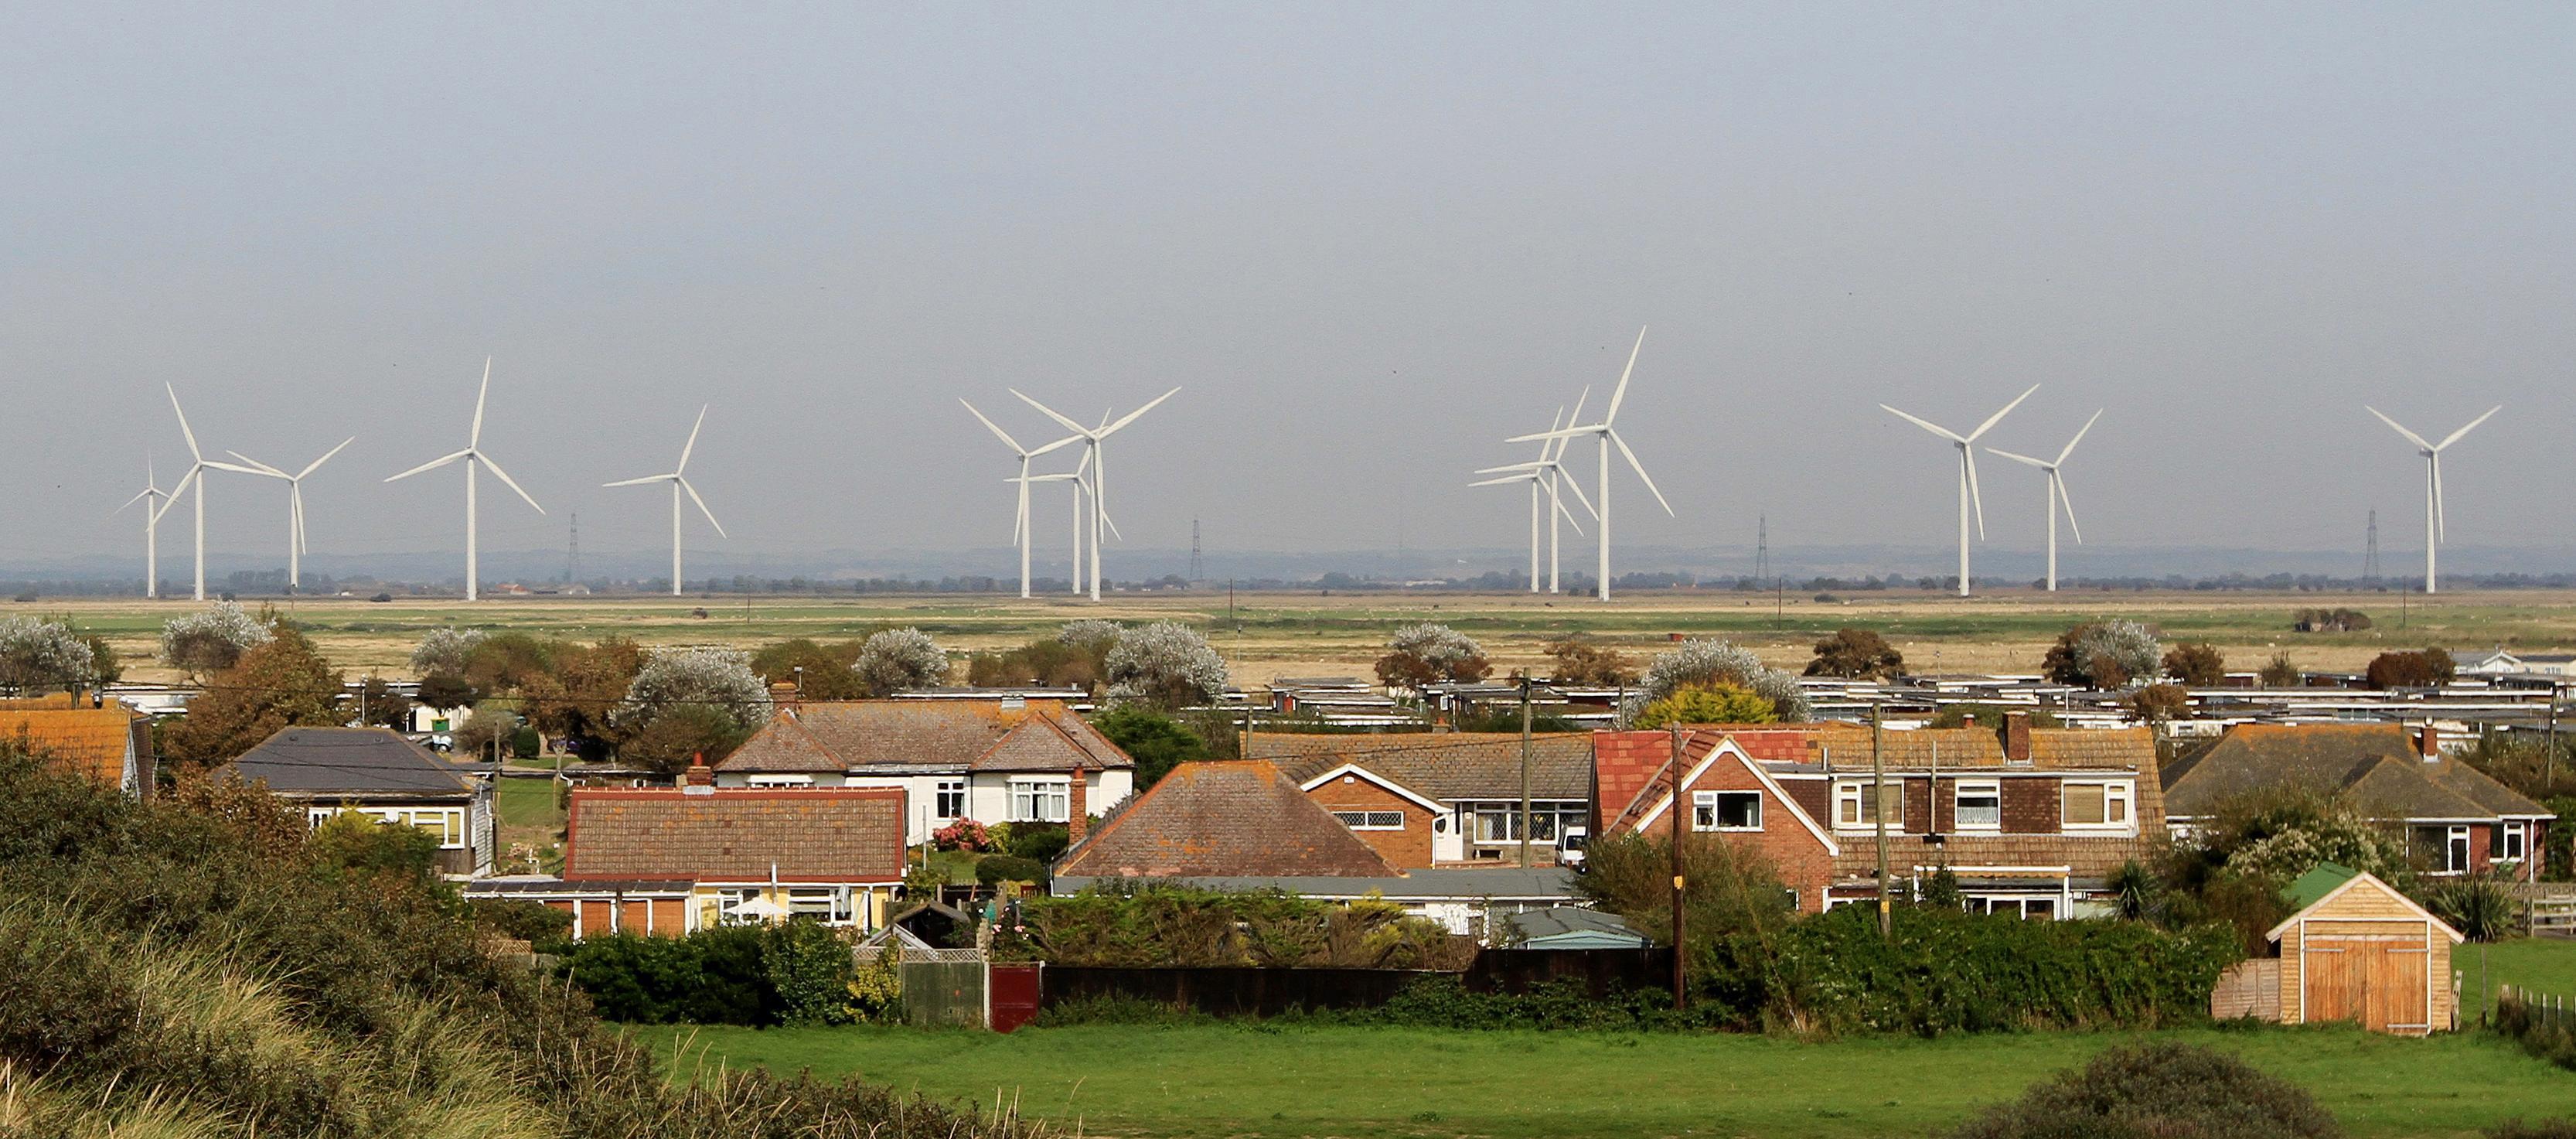 Wind farm on Romney Marsh in Kent